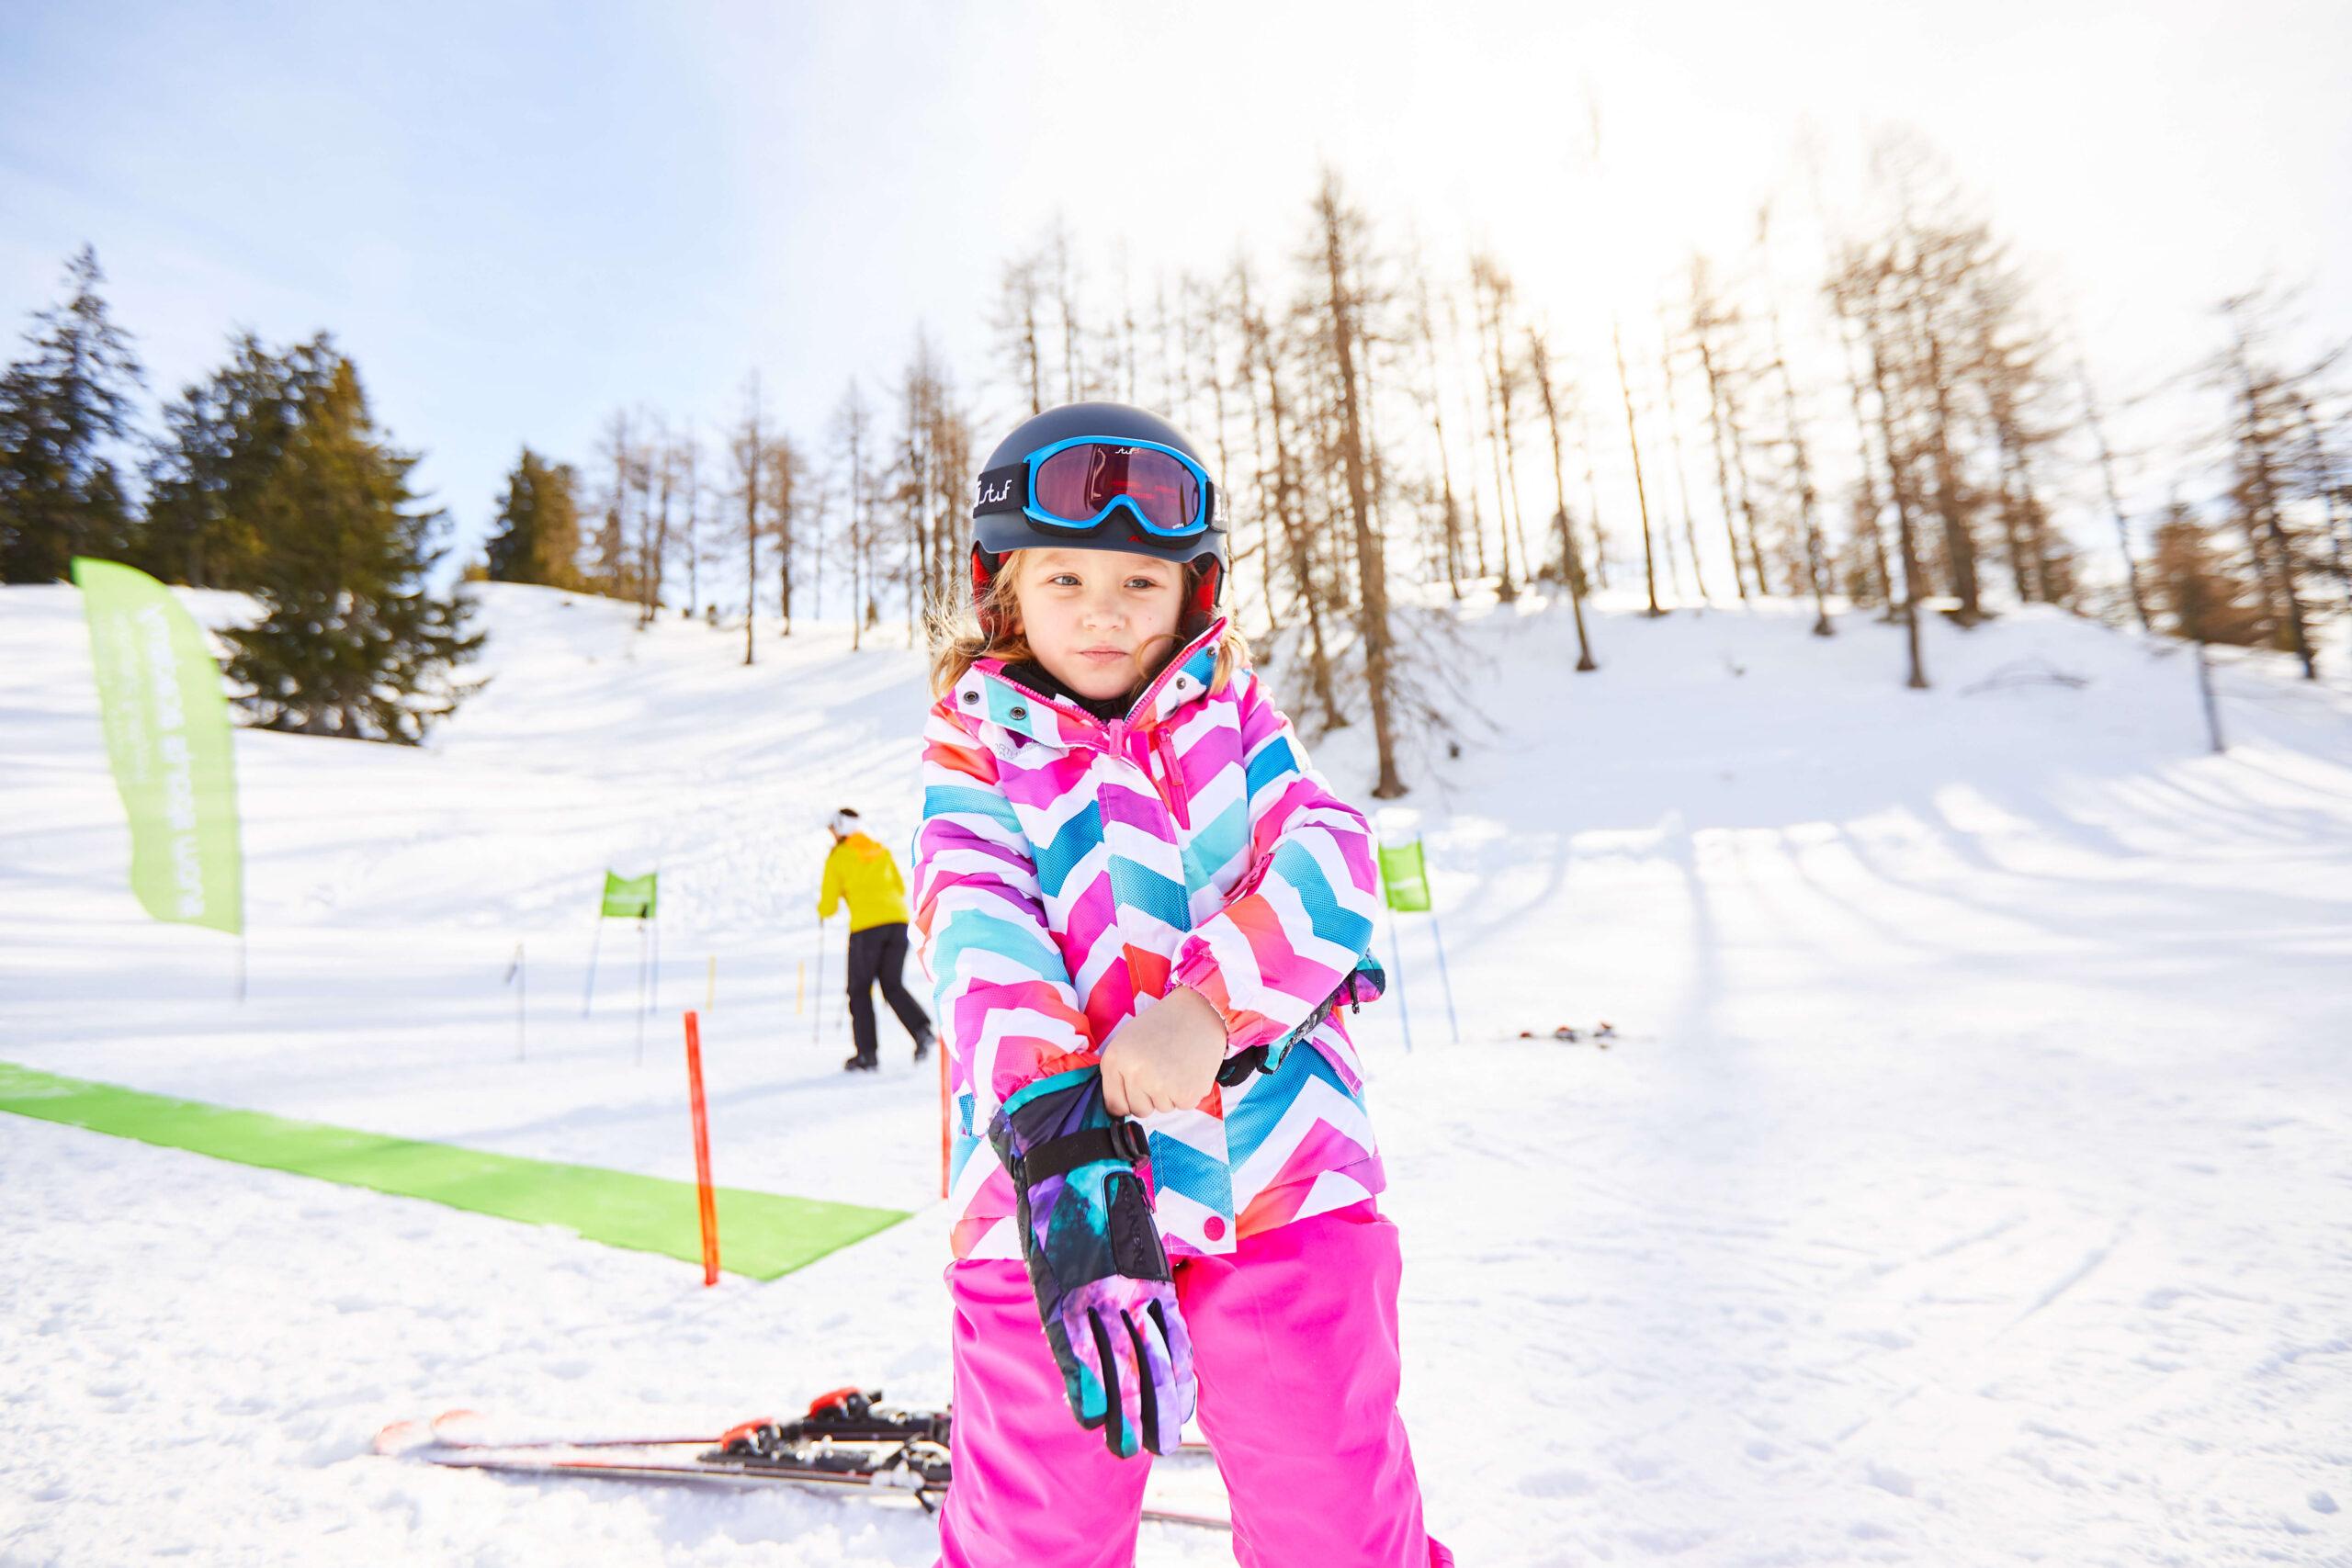 Skikurs in St. Johann